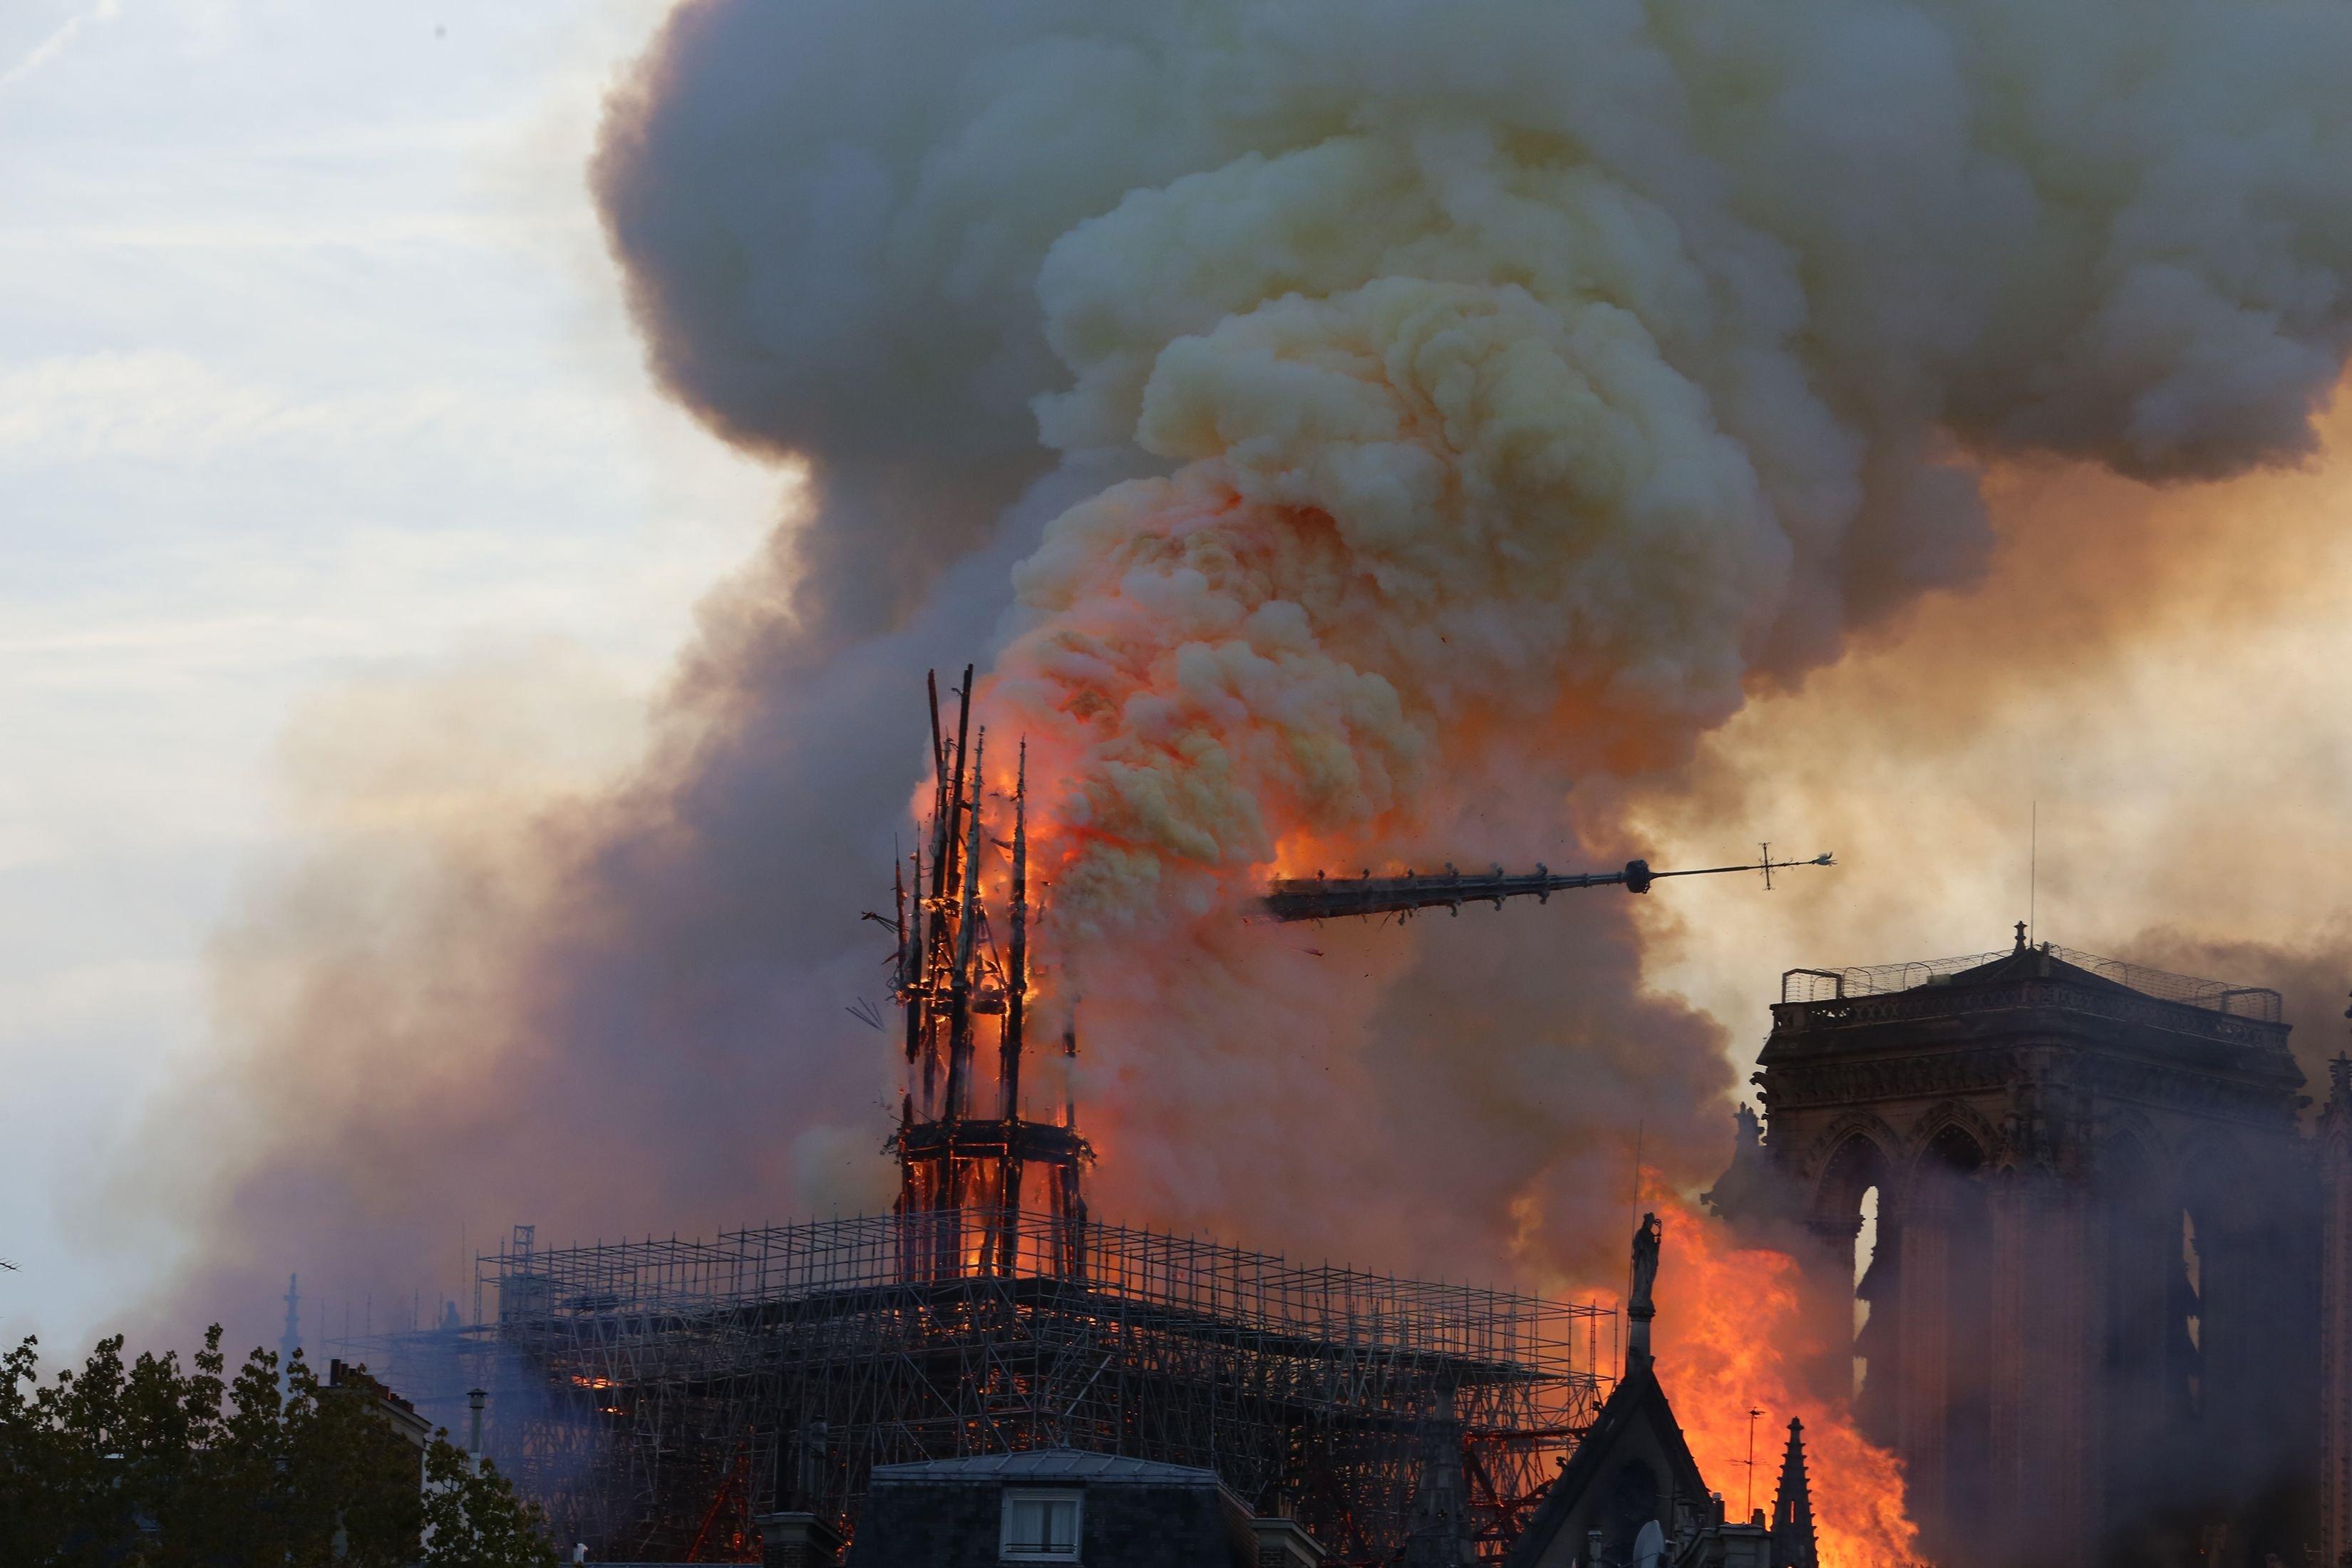 Pařížská katedrála Notre-Dame v plamenech